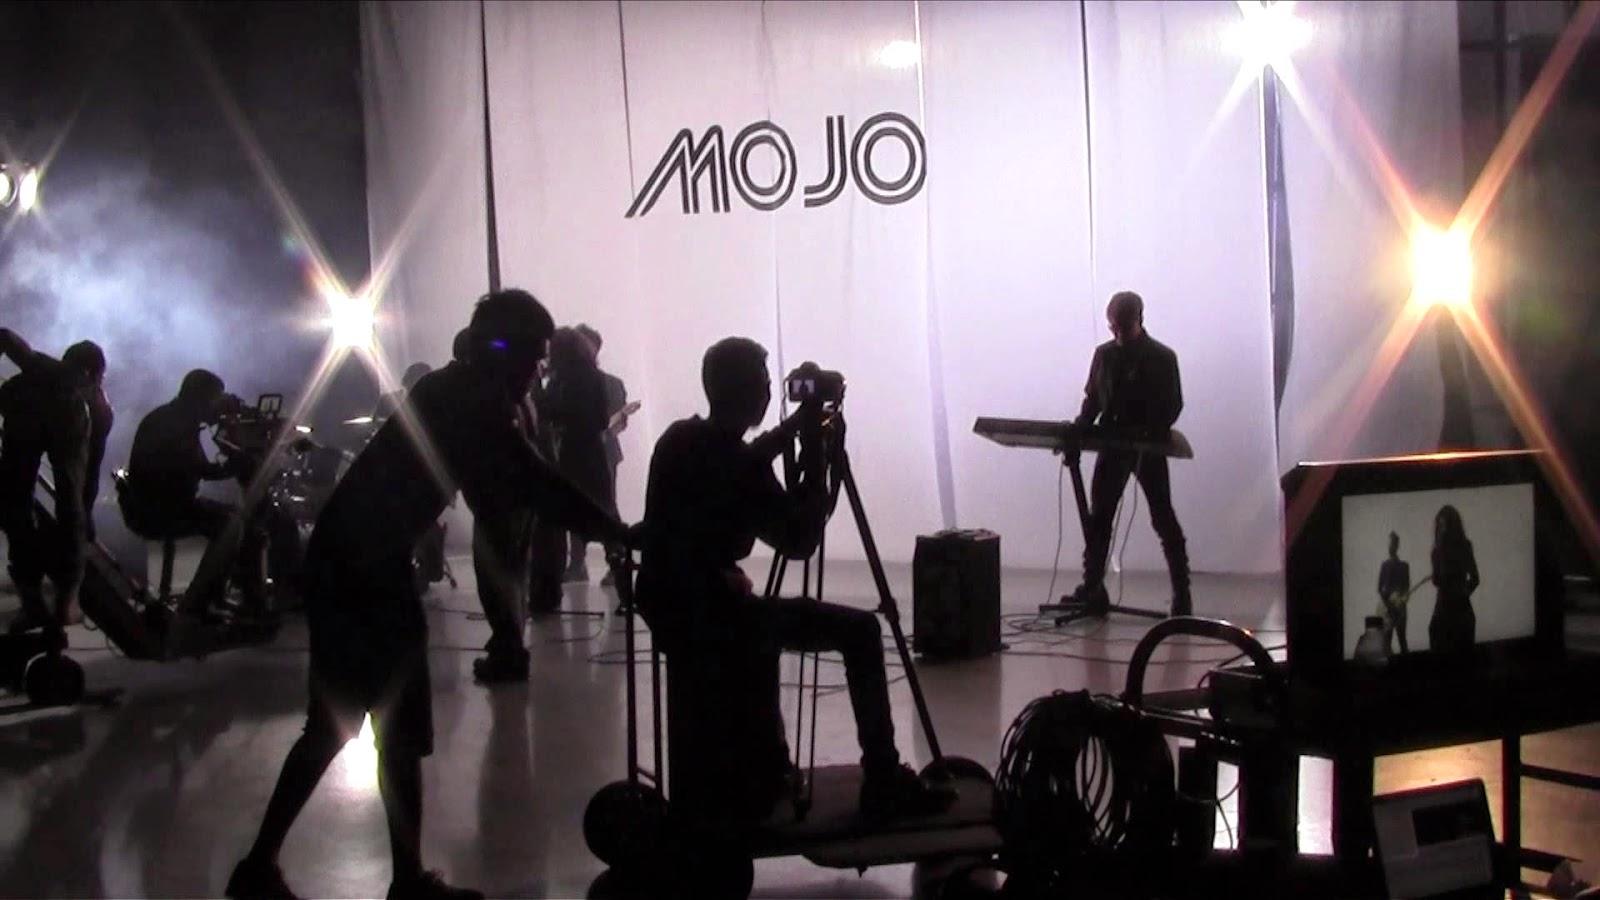 Lirik Lagu Andai Ku Bercinta Lagi - MOJO.mp3